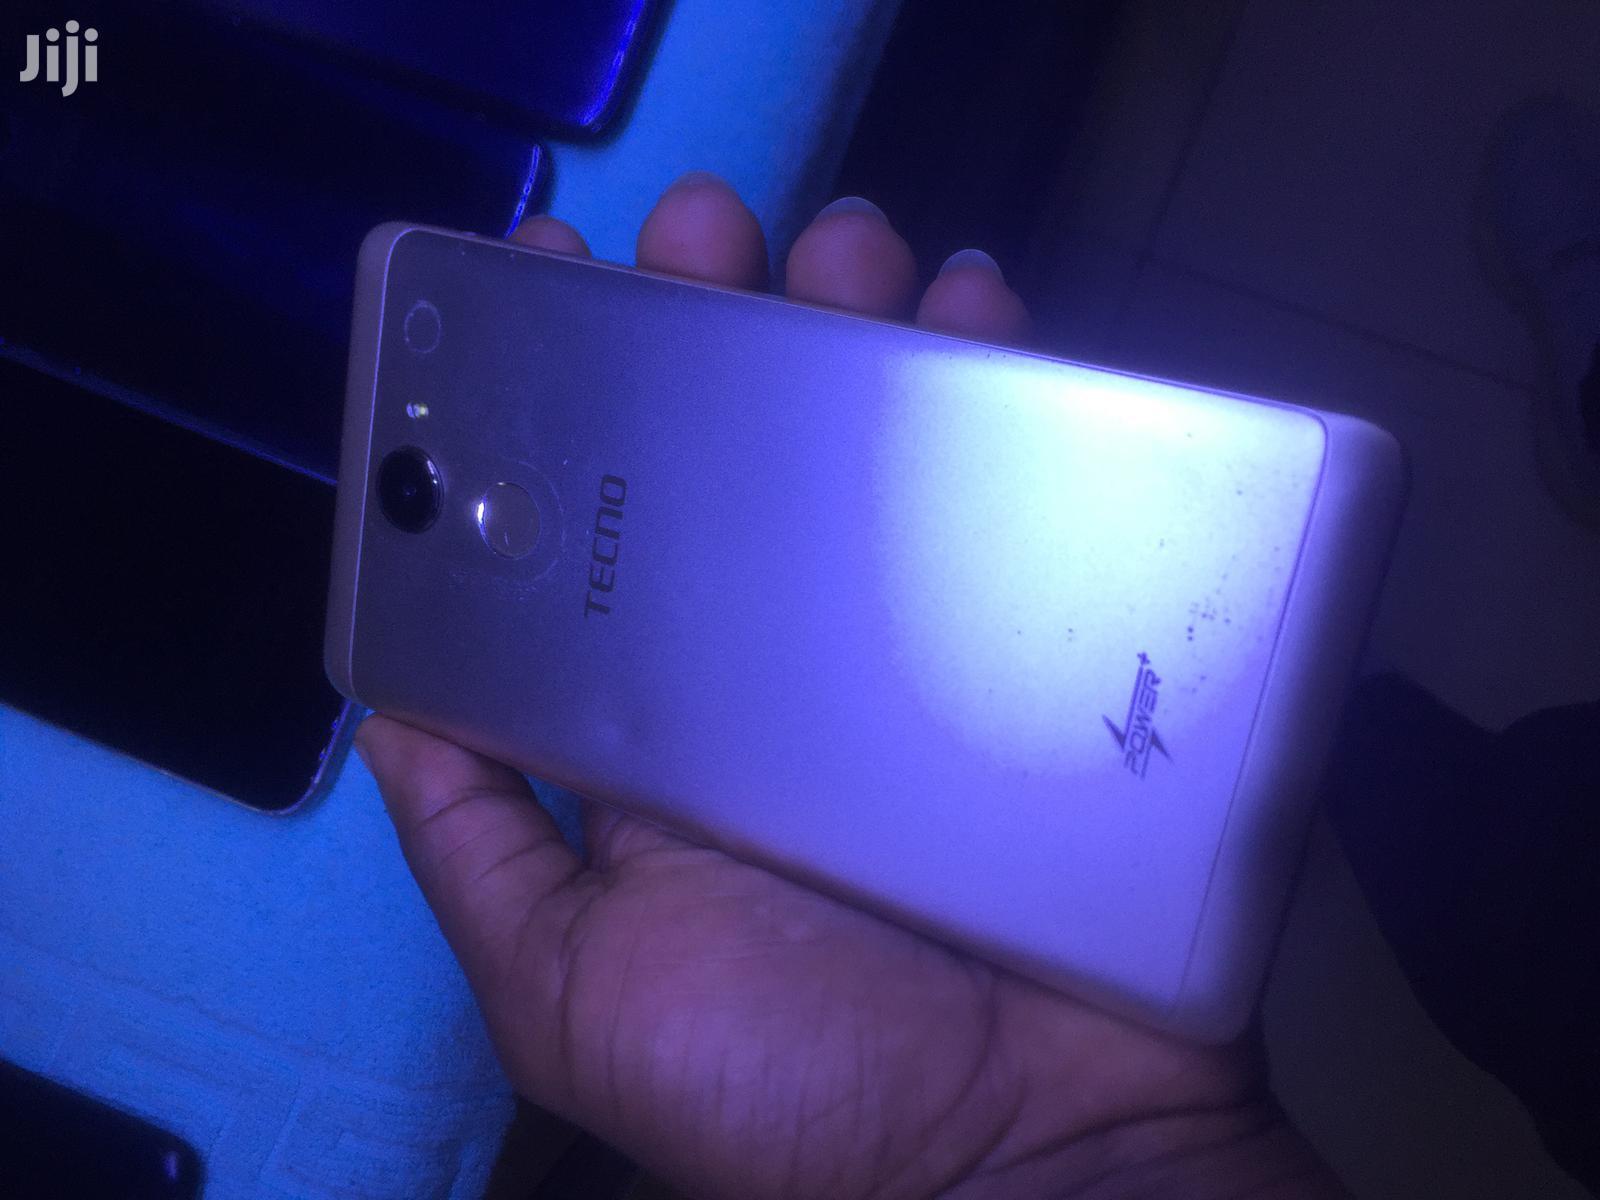 Tecno L9 Plus 16 GB Gold   Mobile Phones for sale in Kampala, Central Region, Uganda